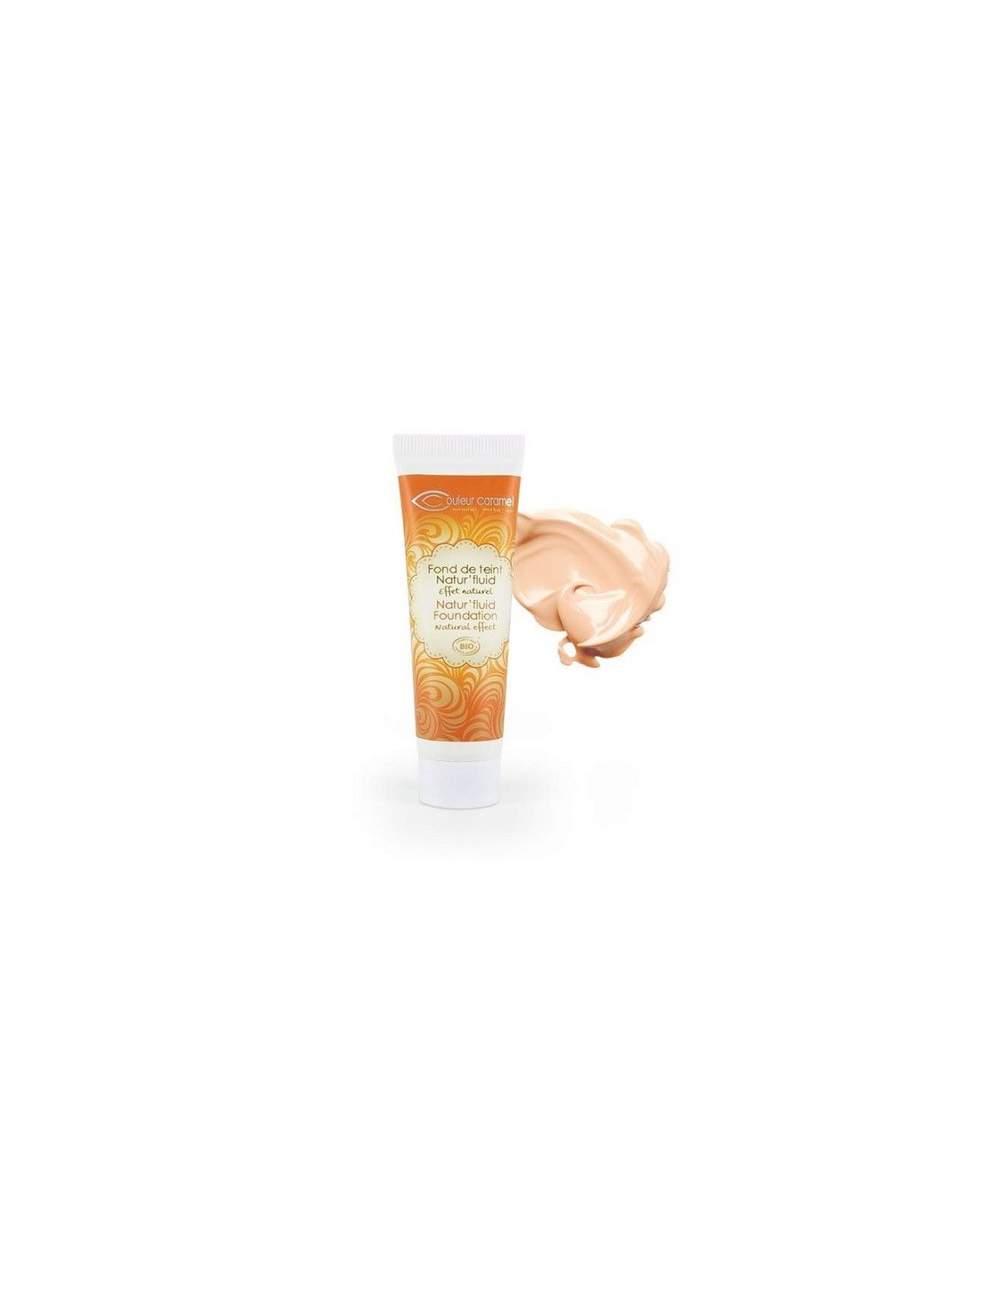 Base de Maquillaje Fluida Bio Natur Fluid 01 Light Beige. Couleur Caramel